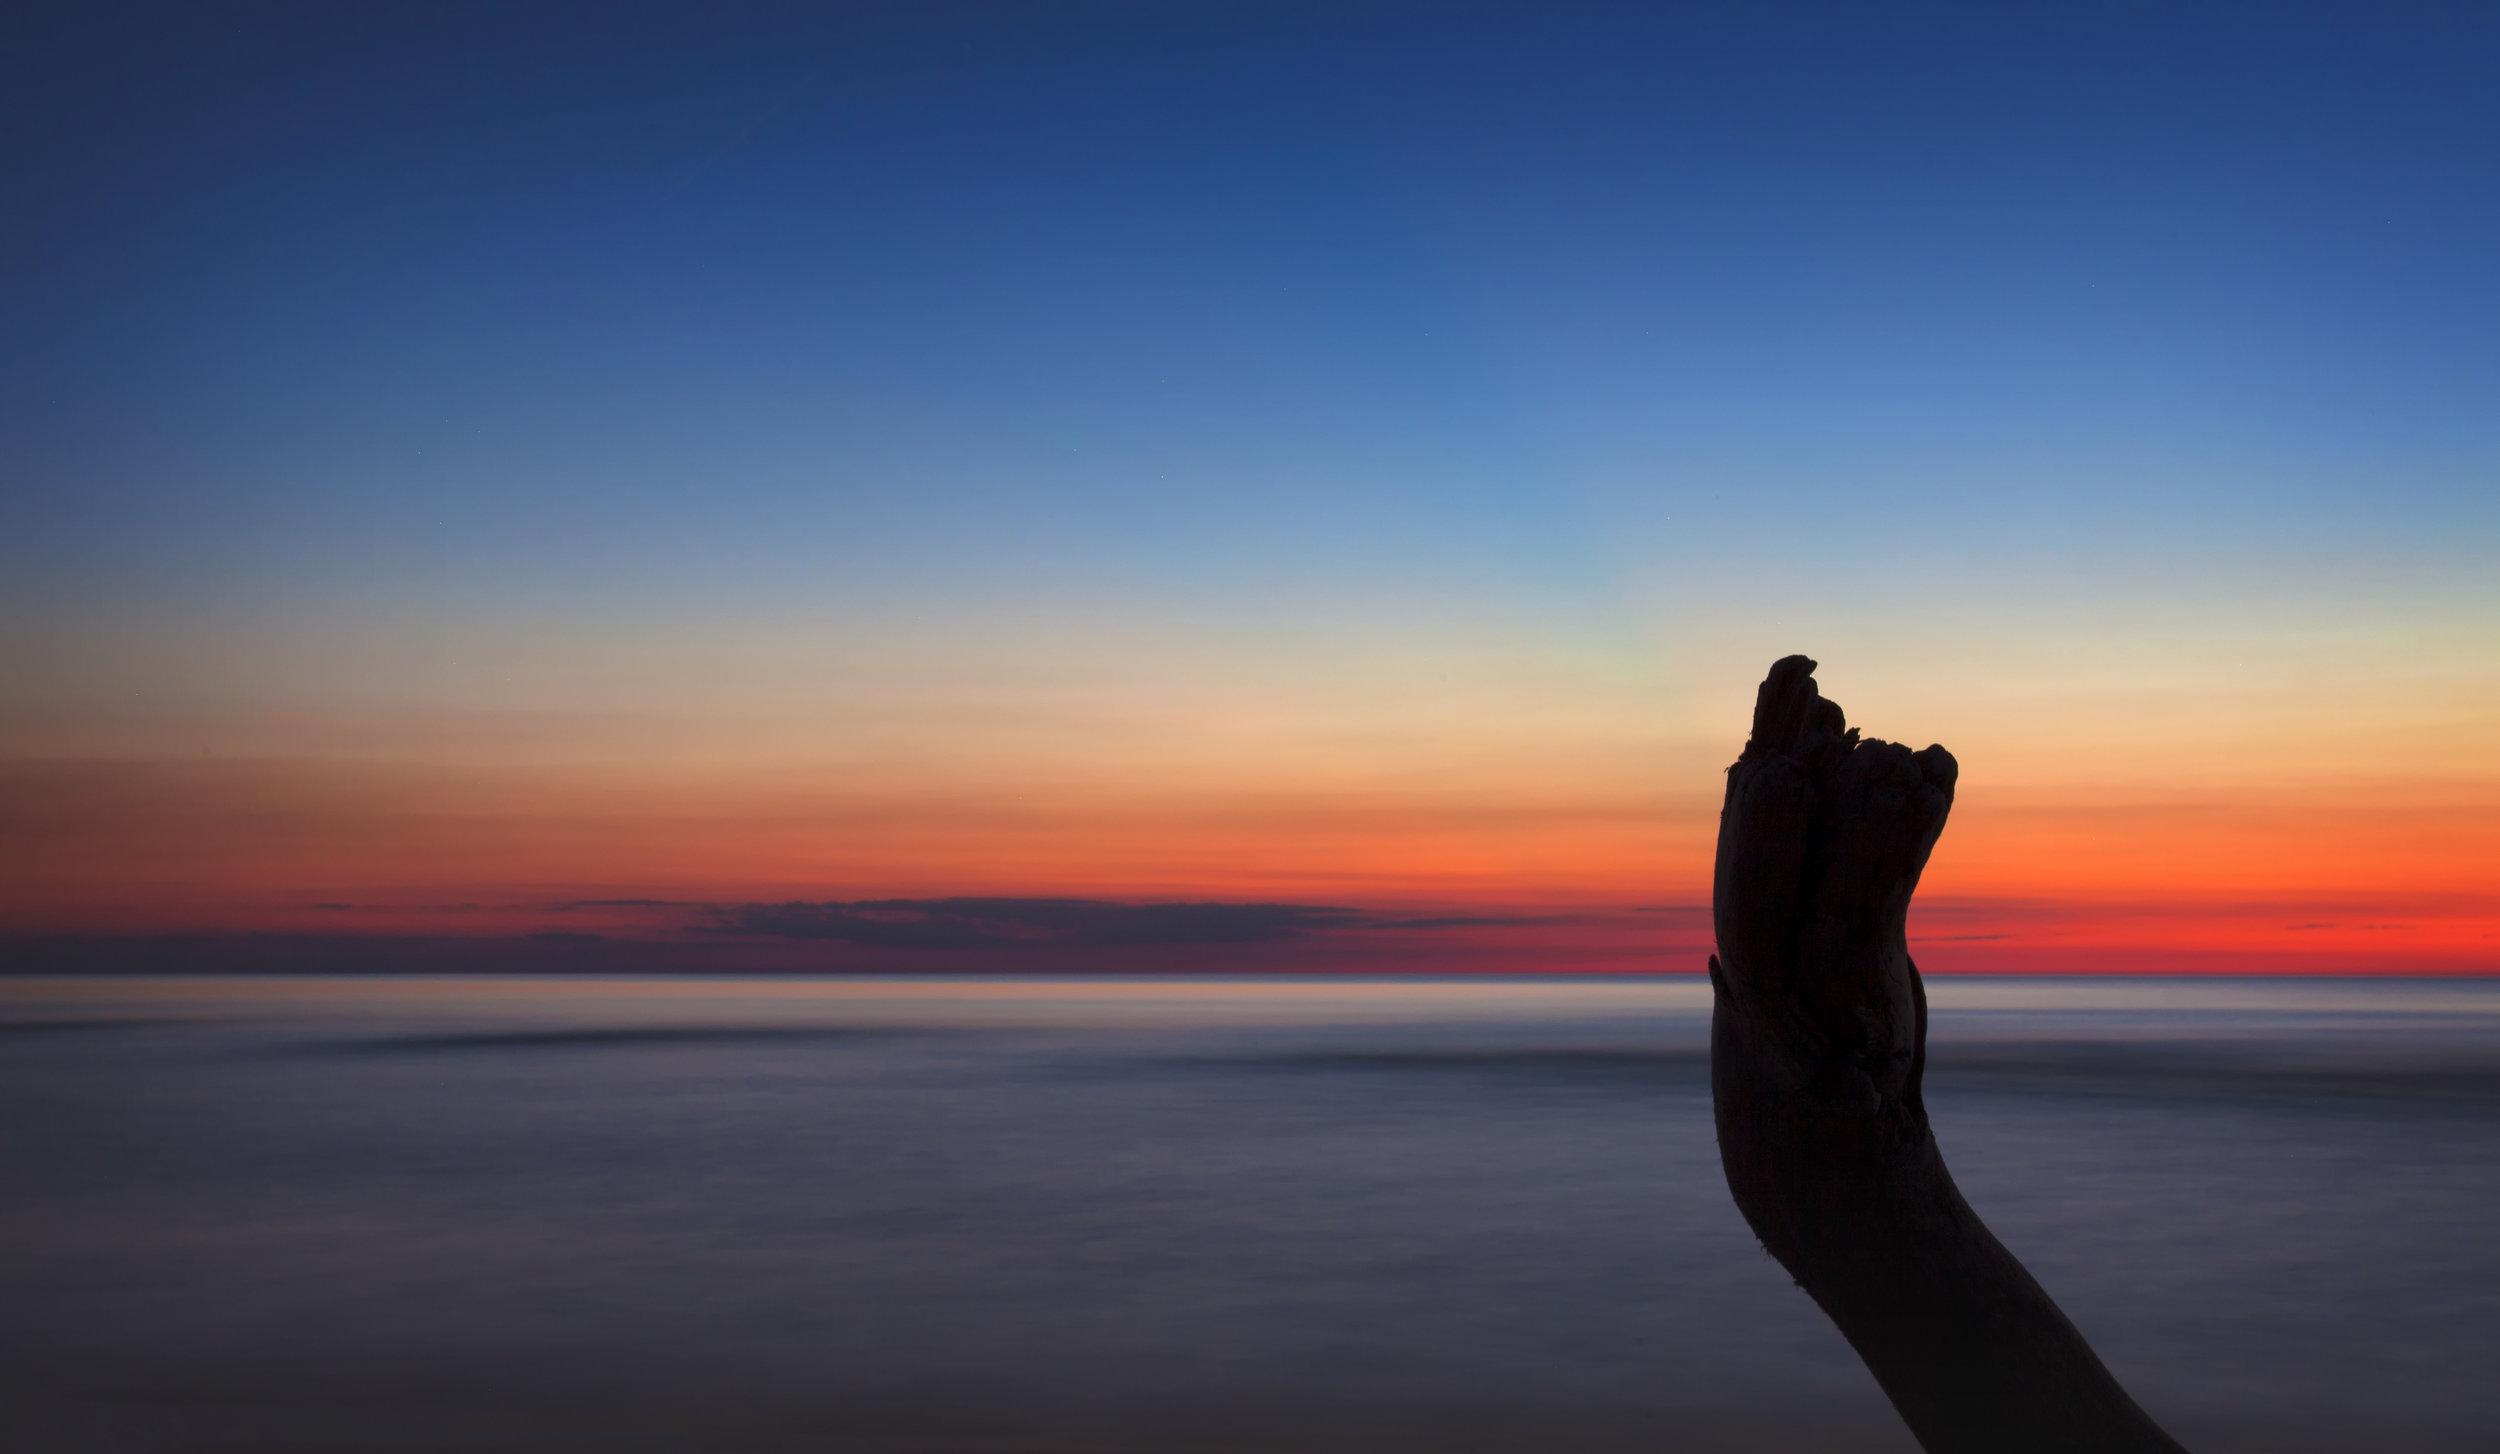 Sunset @ Port Franks - Across the Blue Planet